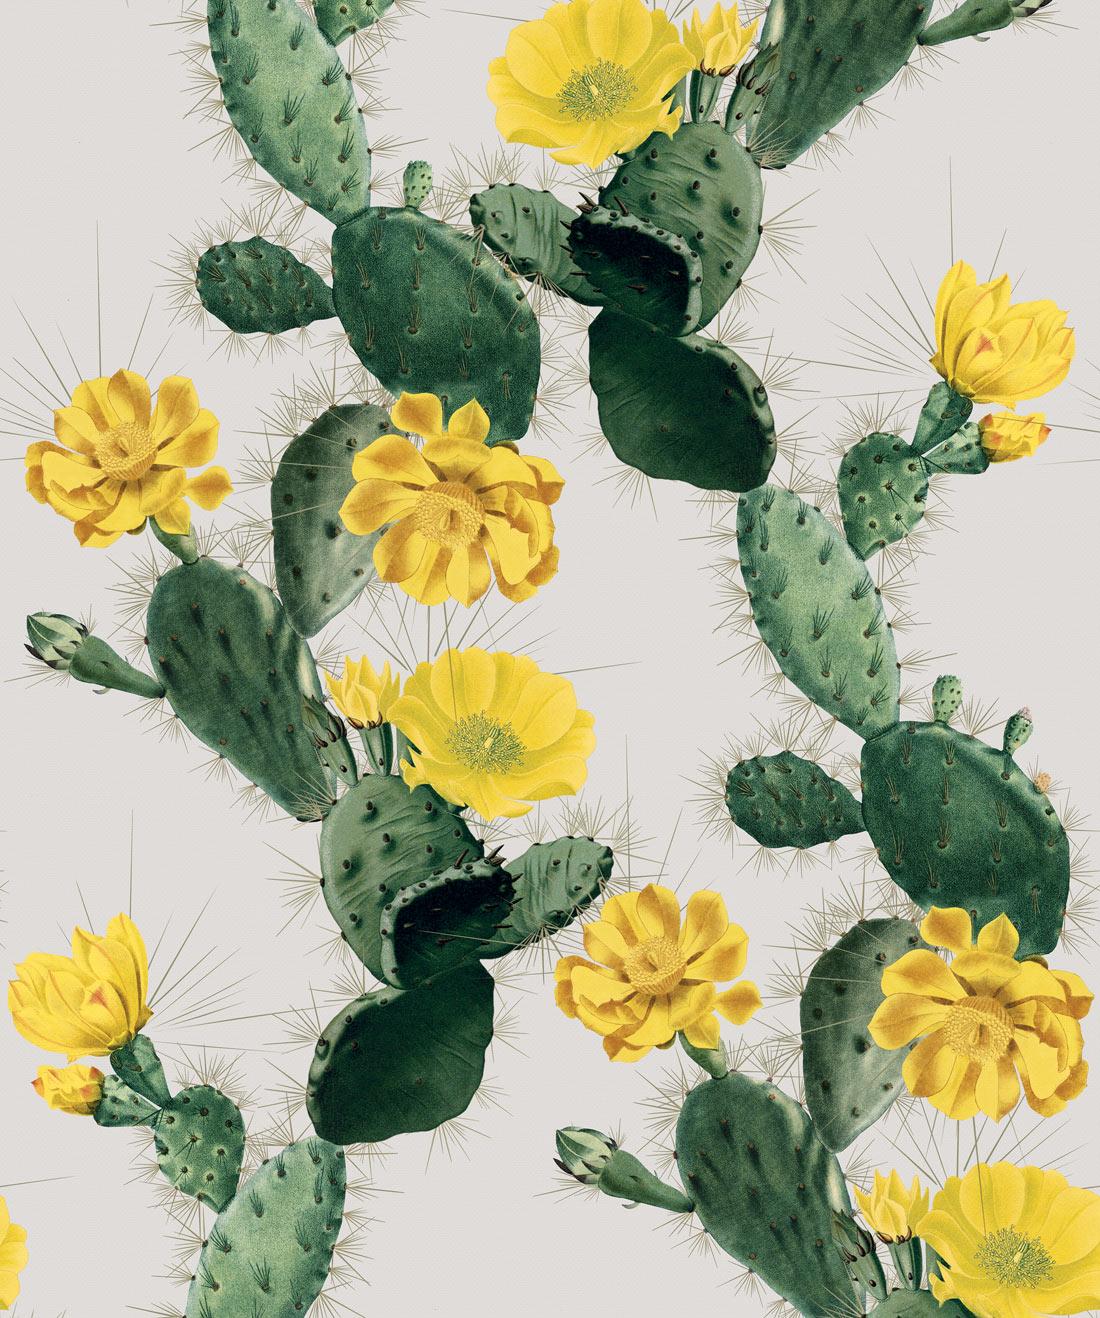 Alluring Cactus Wallpaper Bold Bright Cacti Design